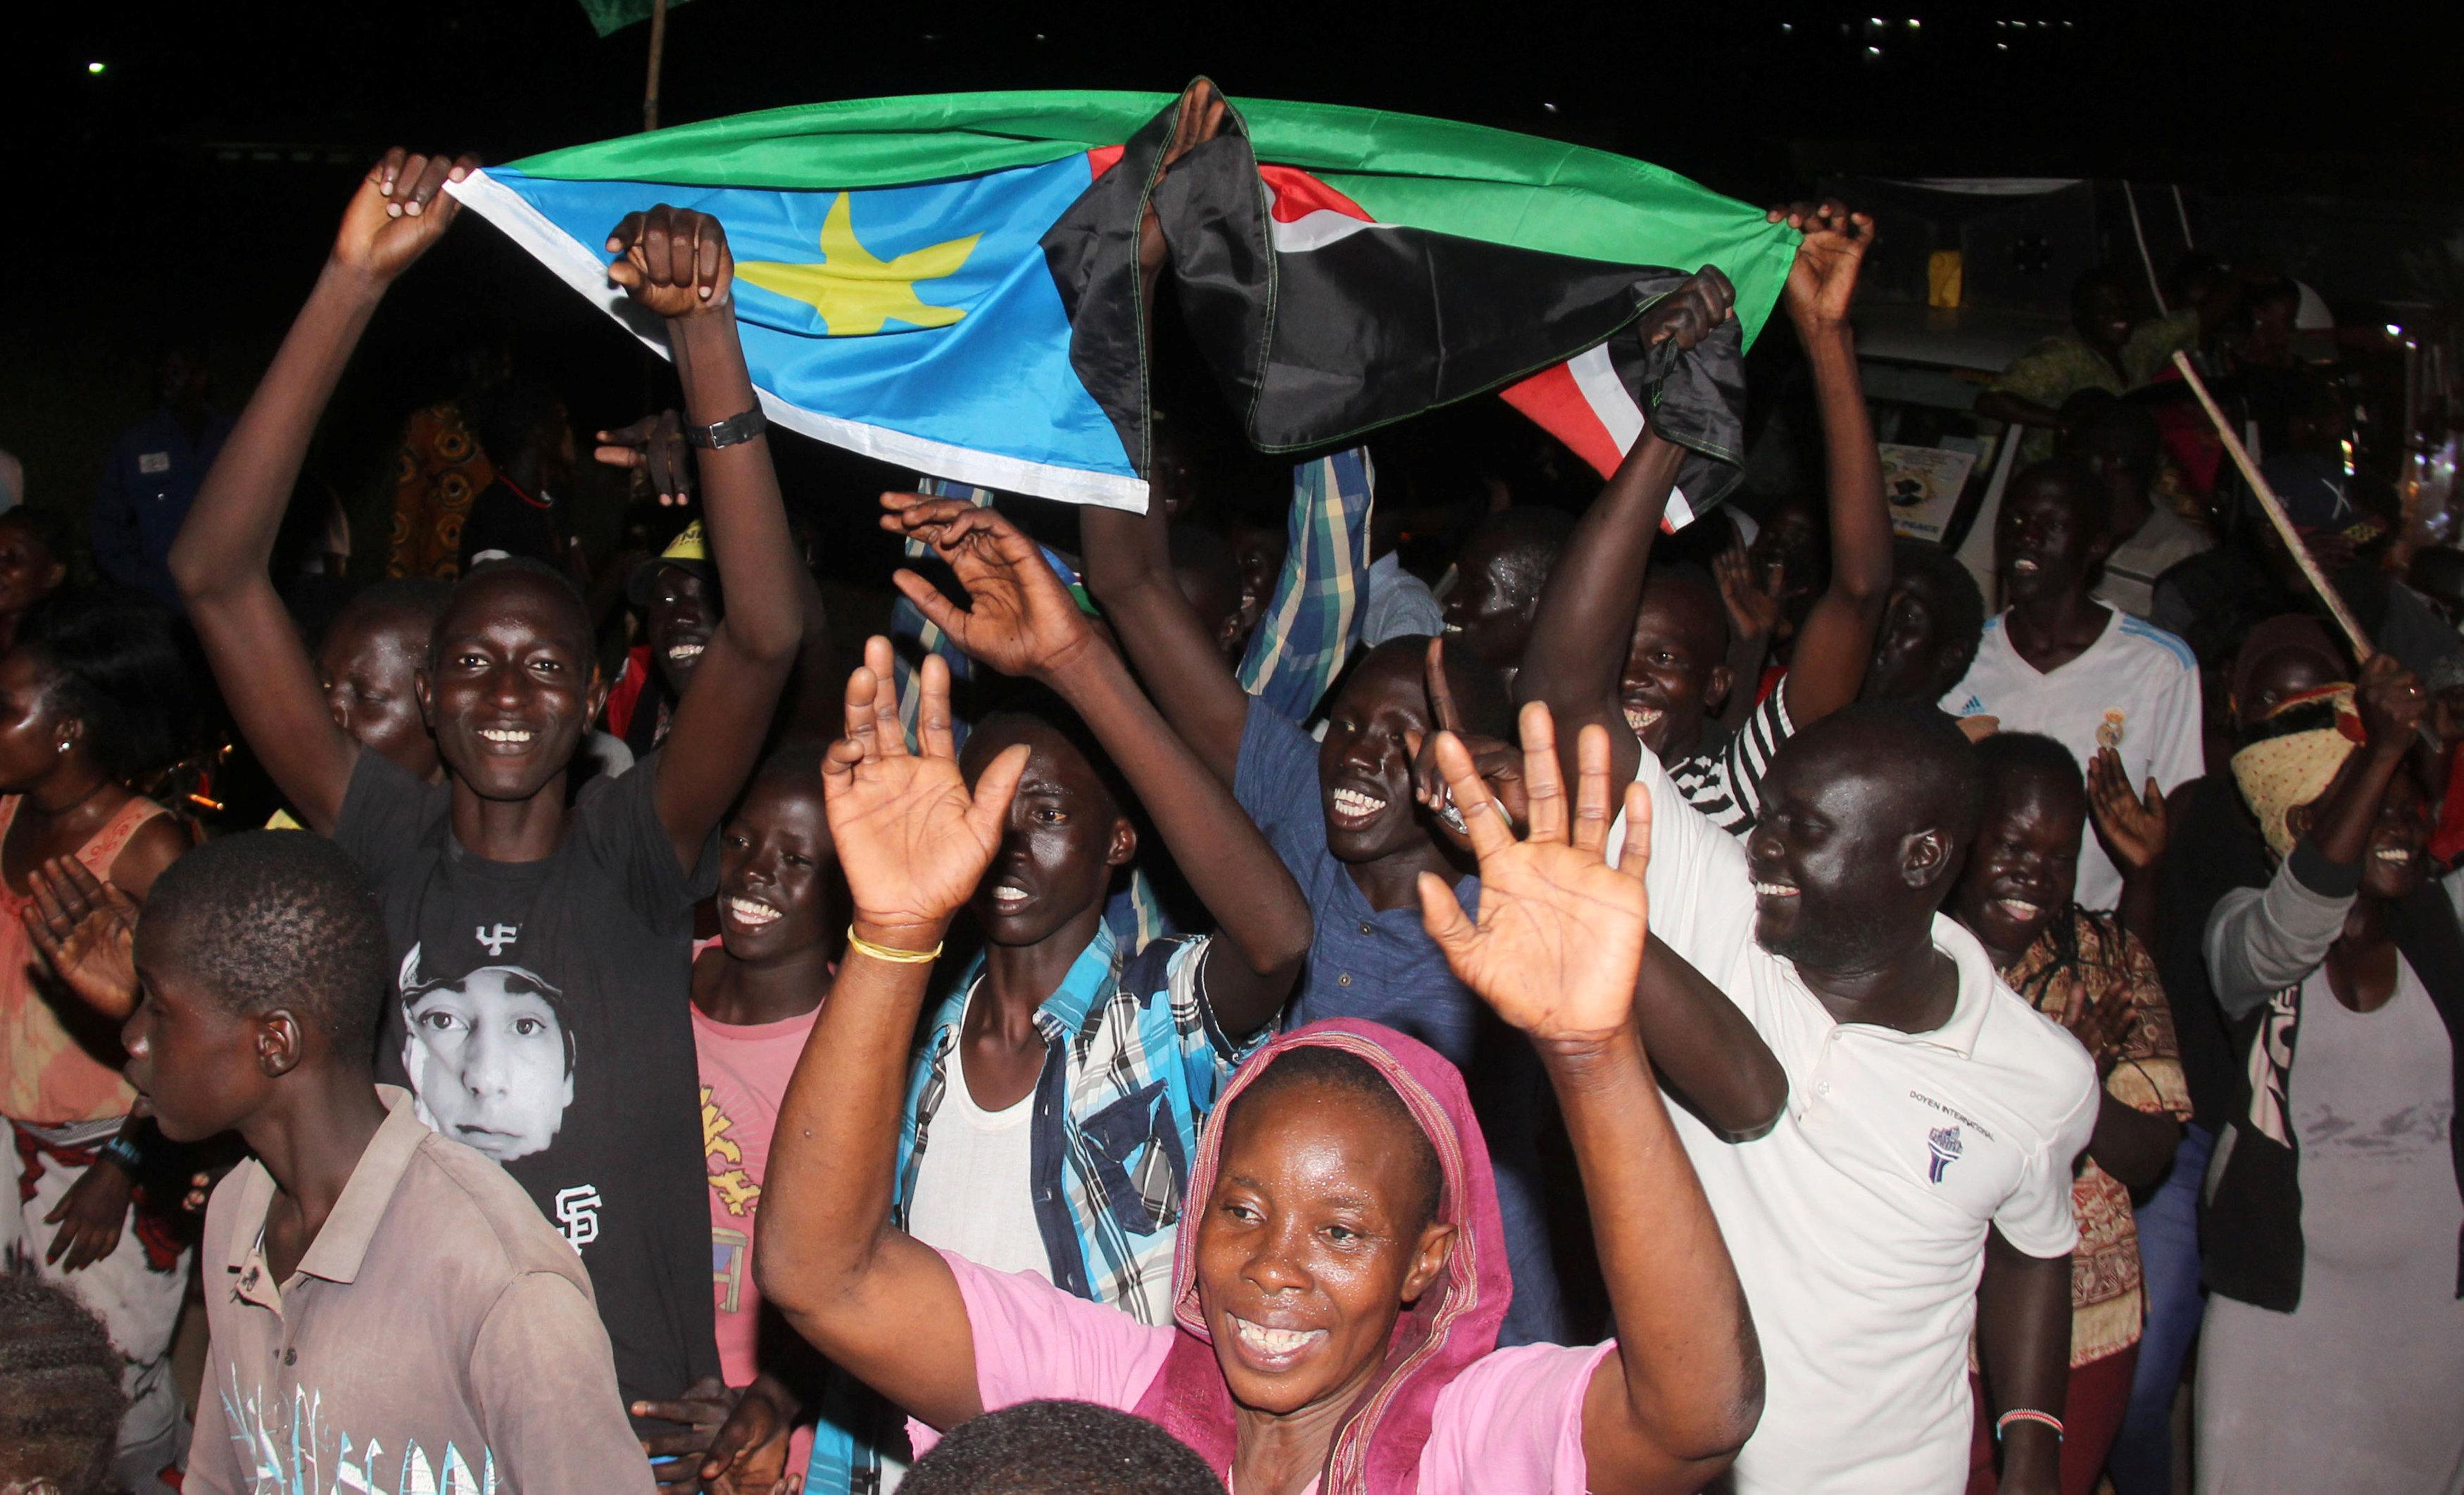 مواطنى جنوب السودان يحتفلون بالسلام